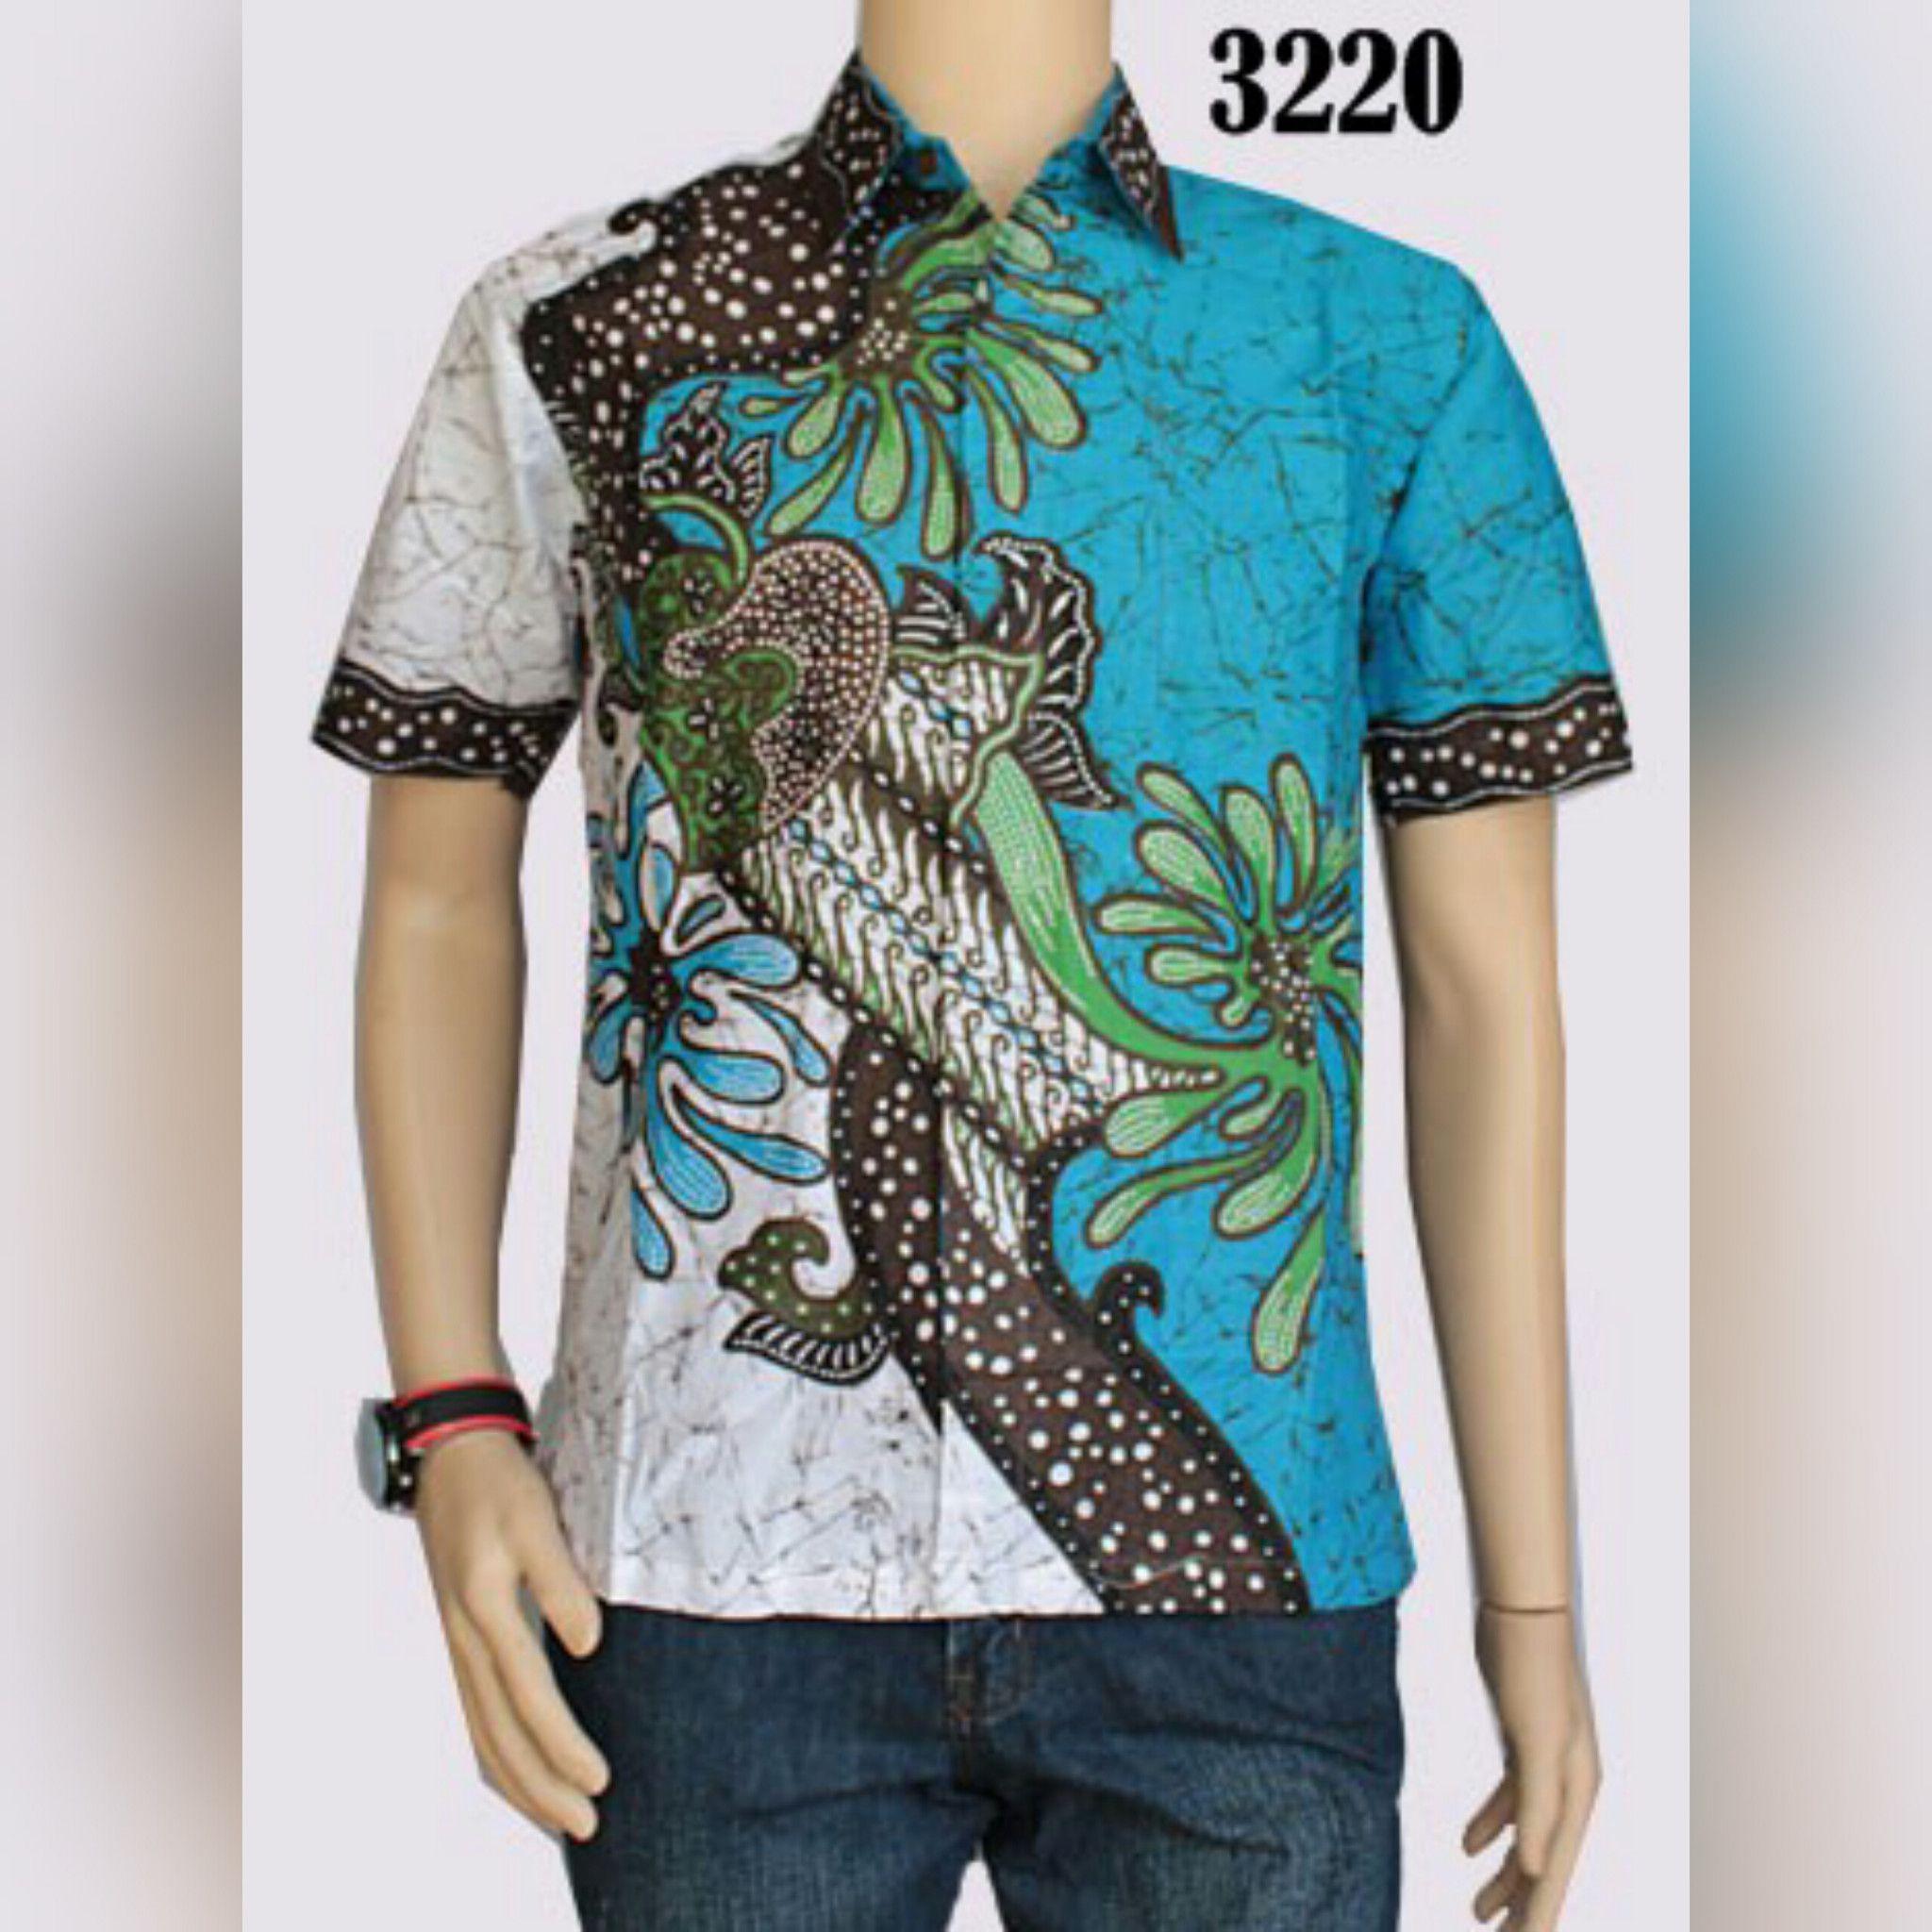 Baju Batik Pria Eksklusif Kemeja Lengan Pendek Modern Motif Kotak Flanel Model Slimfit Code Madox Navy Xl Kerah Koko